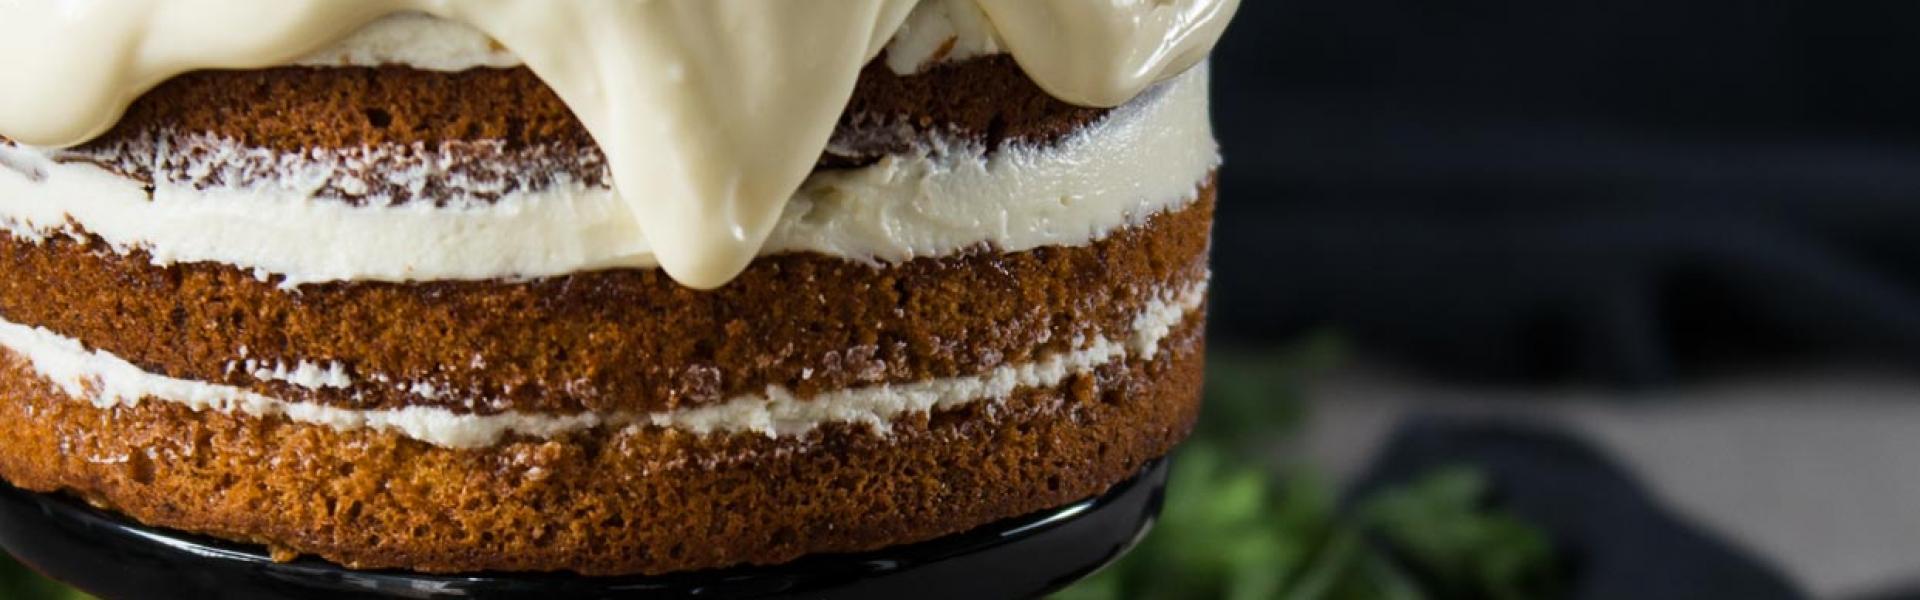 Carrot Cake auf schwarzer Tortenplatte mit Möhren dekoriert.